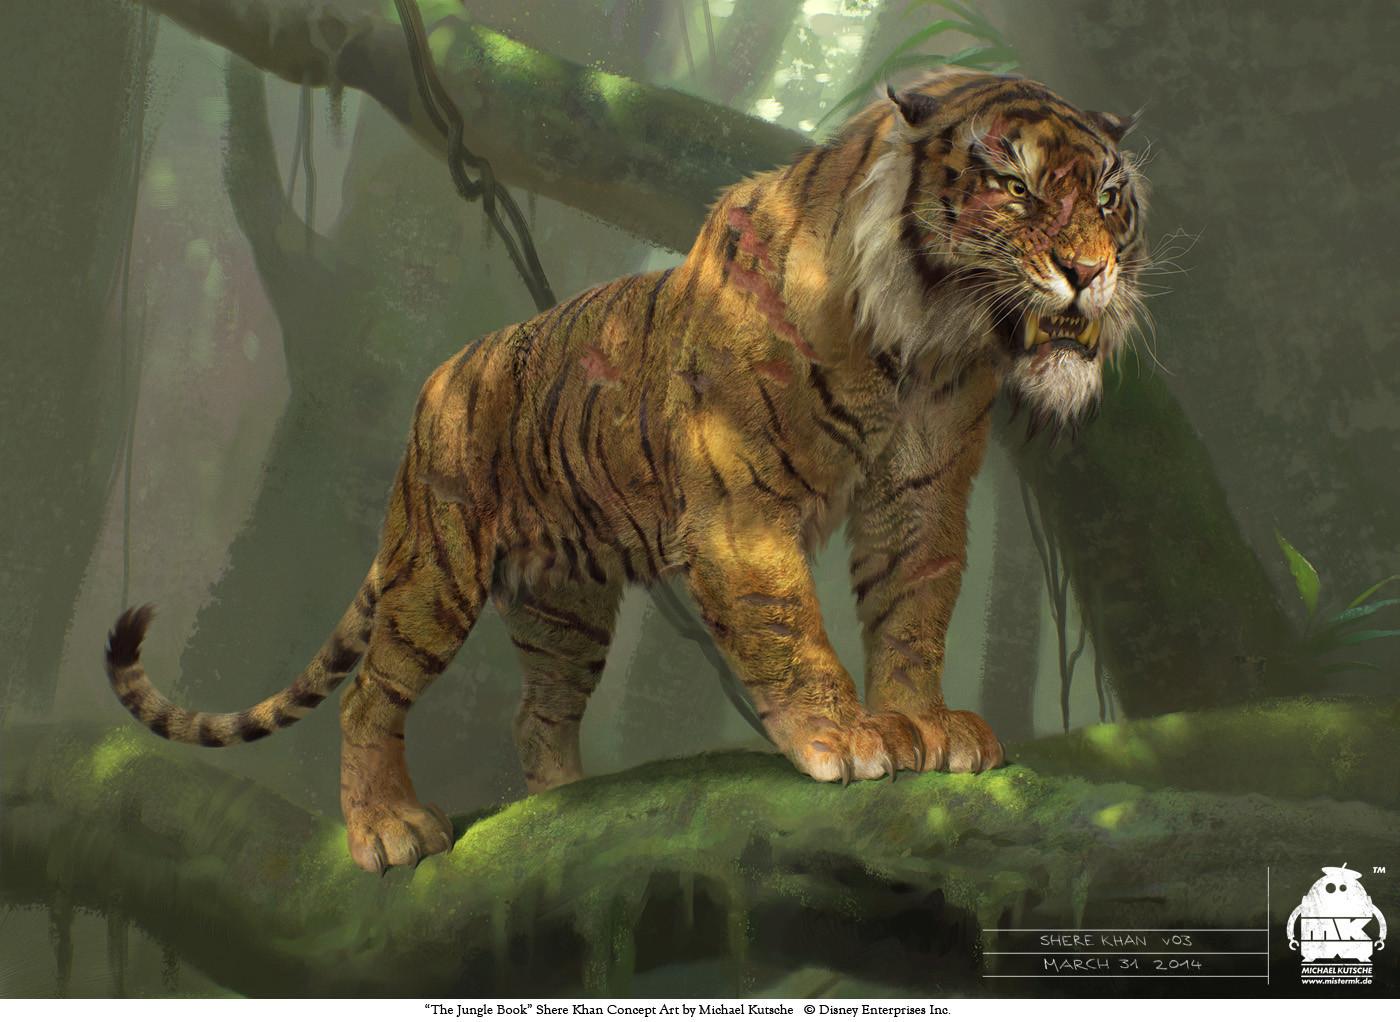 Le Livre de la Jungle [Disney - 2016] - Page 15 Michael-kutsche-shere-khan-concept-by-michael-kutsche